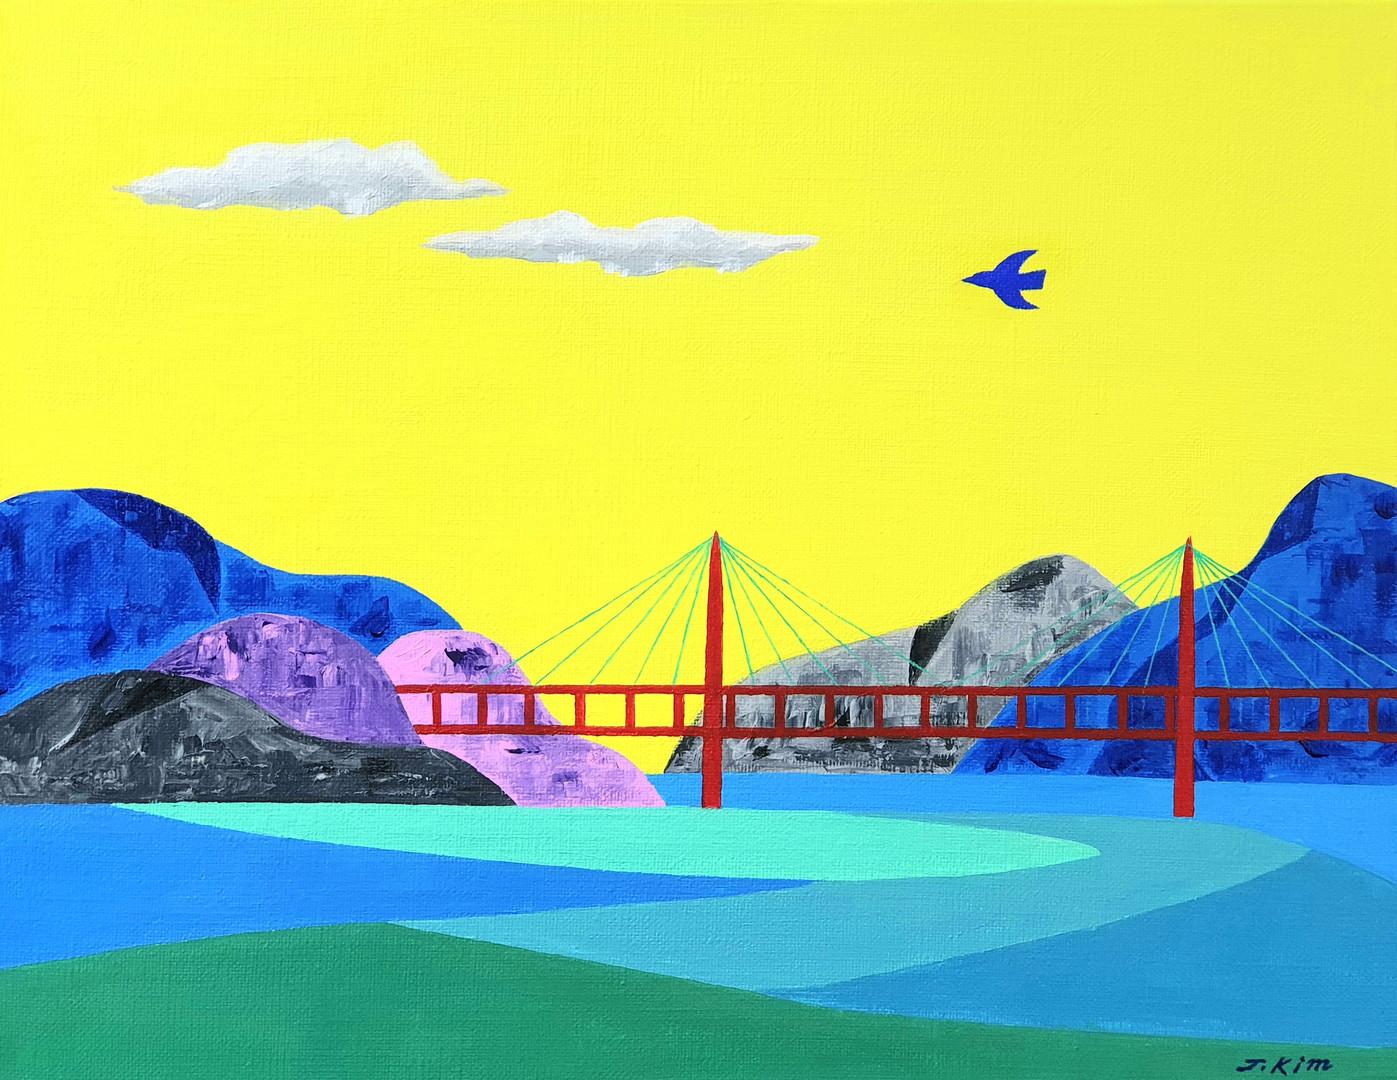 [제이킴, 사랑이 온다, 40.9 x 31.8 cm. Acrylic on Canvas, 2019]